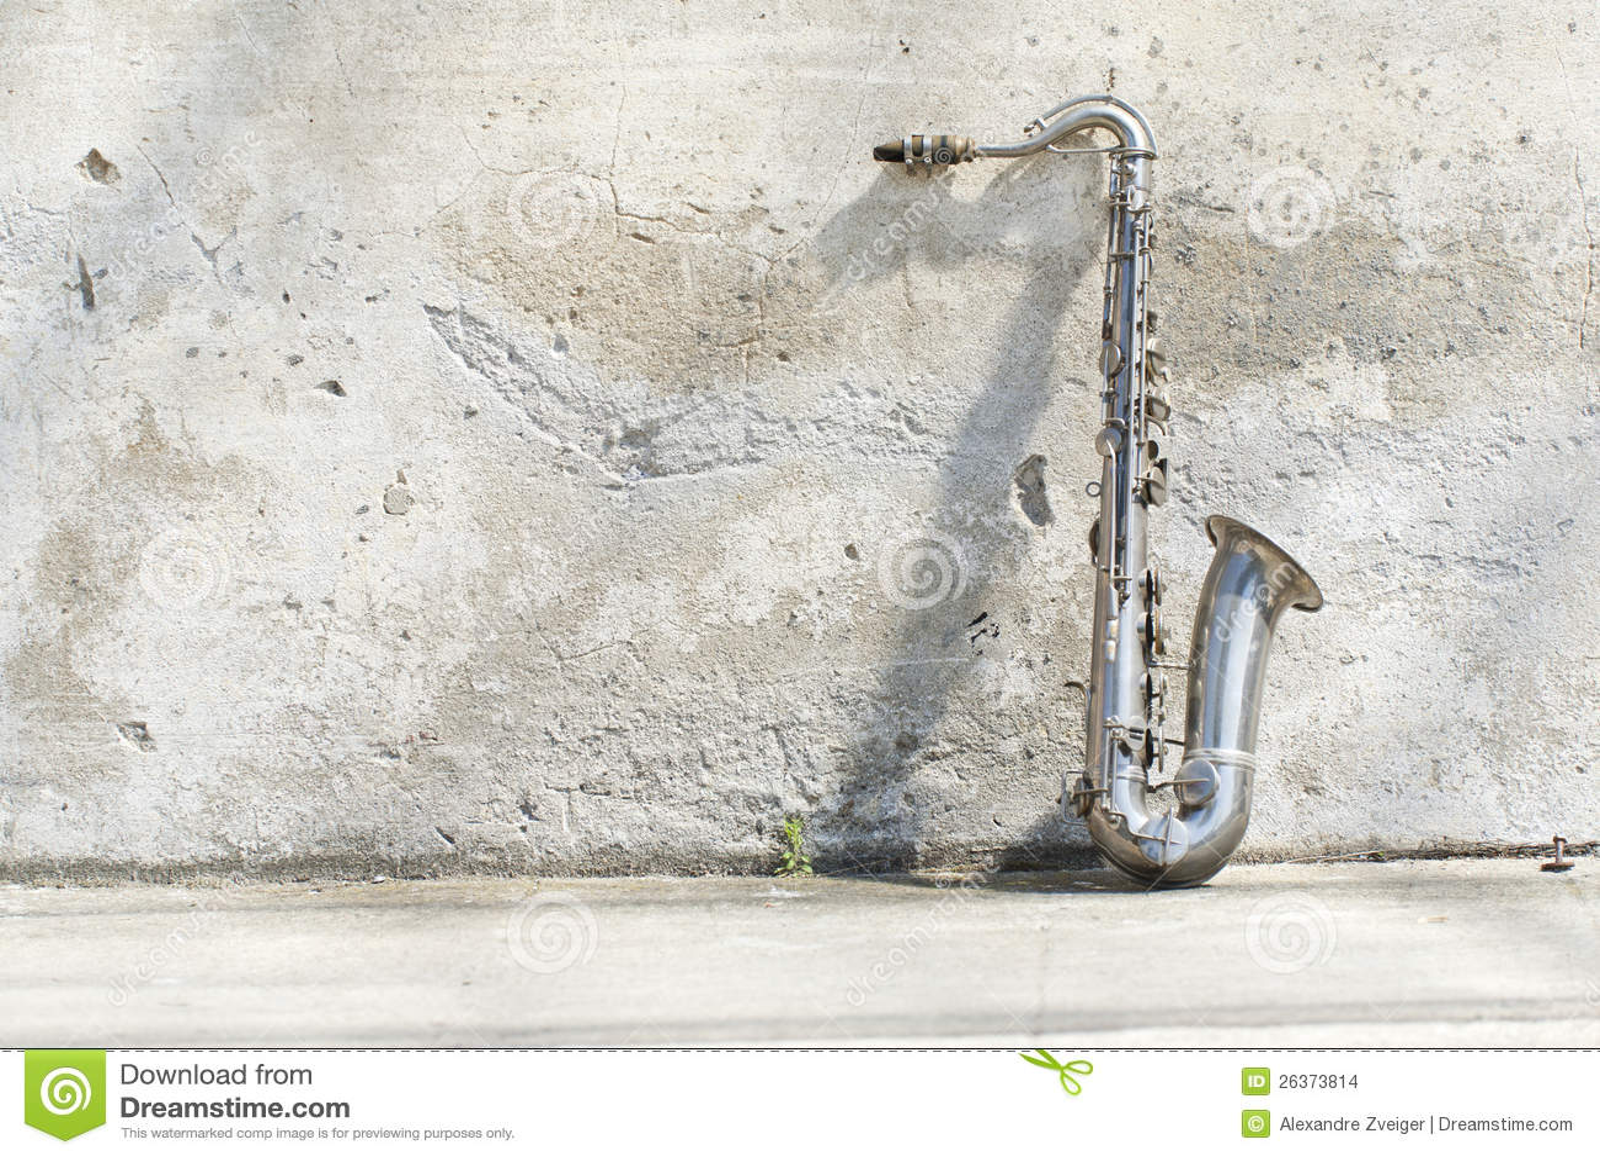 Saxophon vor einer Weinlesewand